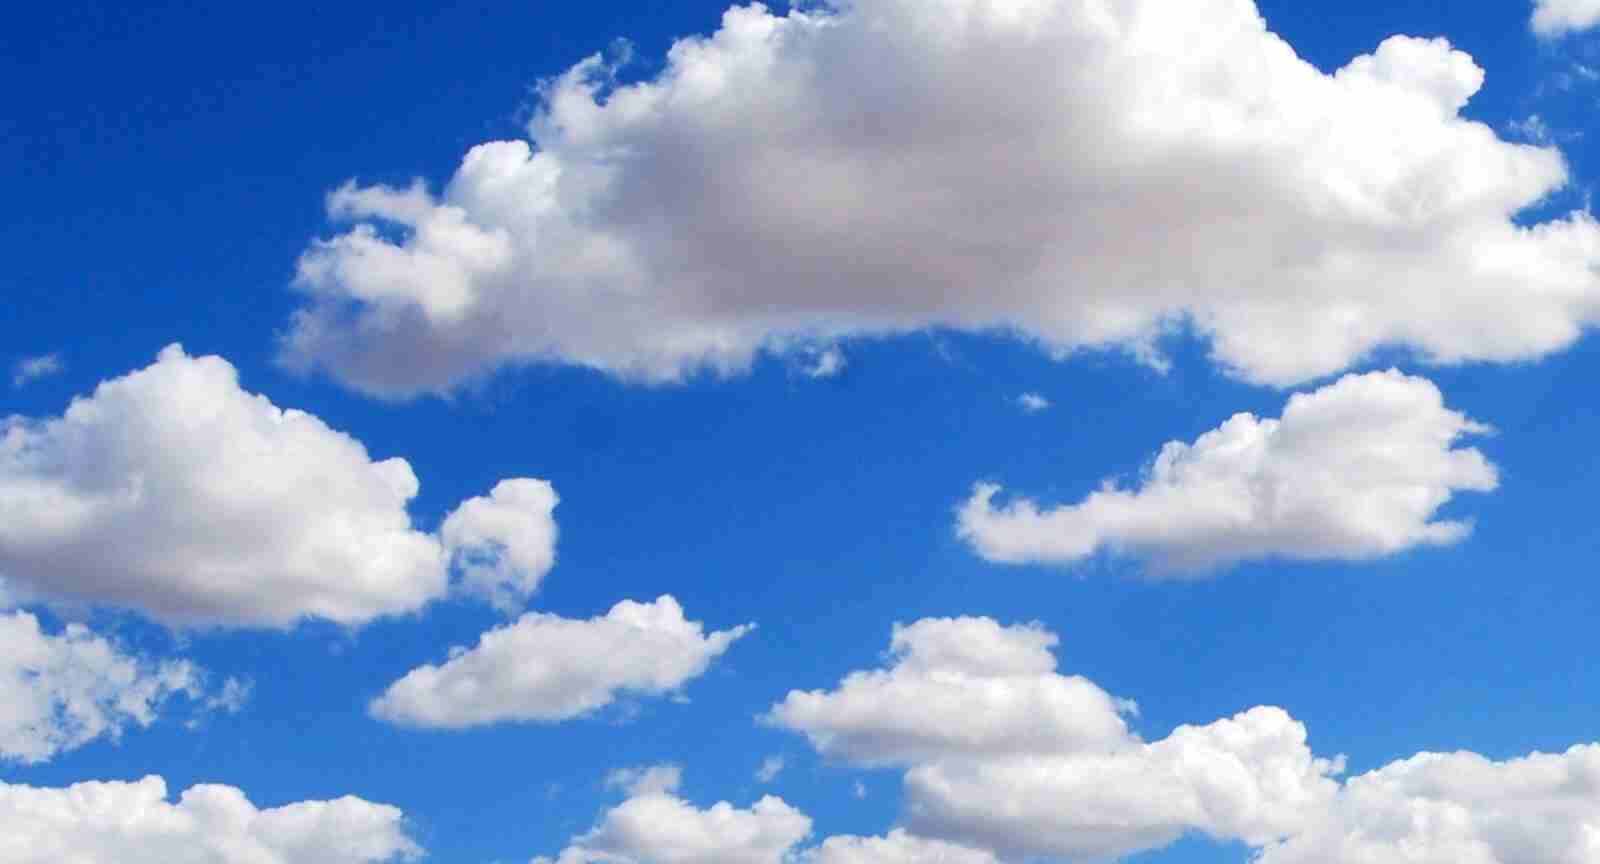 ગરજે વાદળ વરસે વાદળ